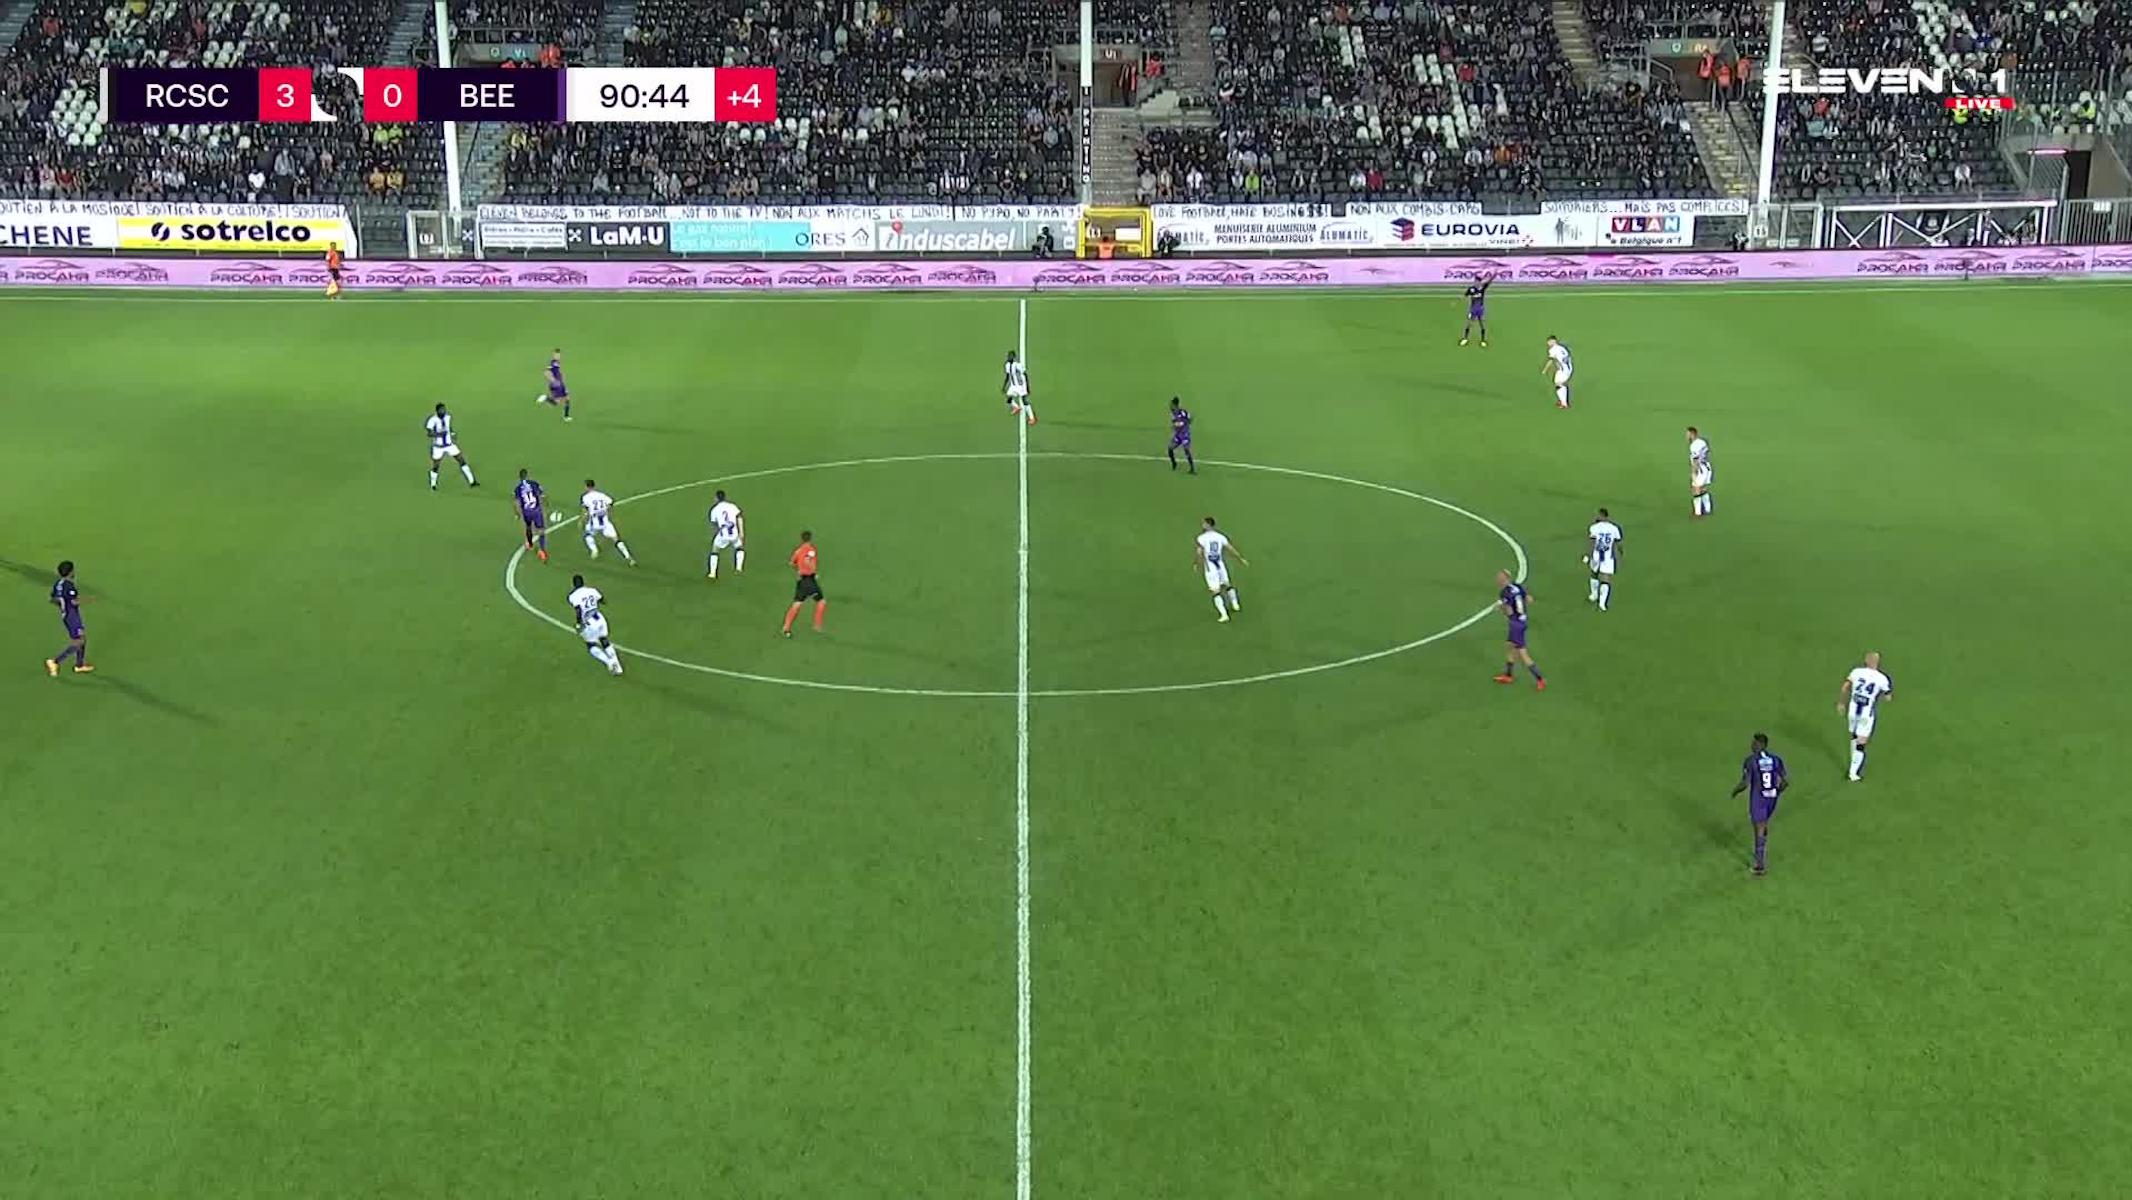 Doelpunt Musashi Suzuki (Sporting Charleroi vs. K. Beerschot V.A.)